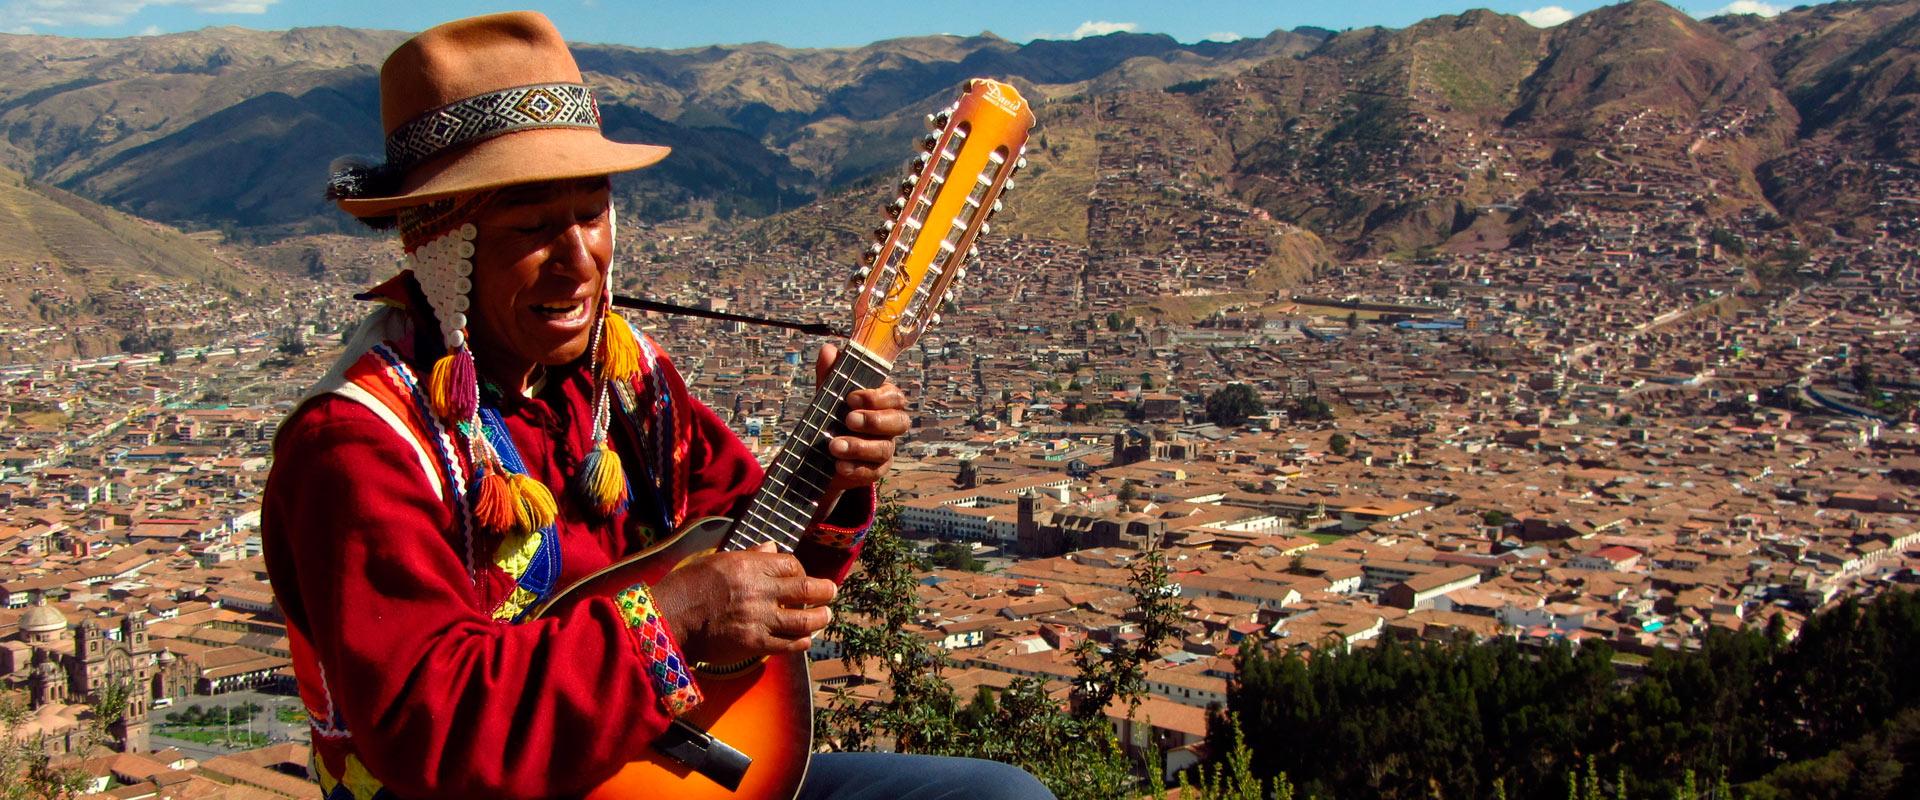 Música y Danzas del Perú